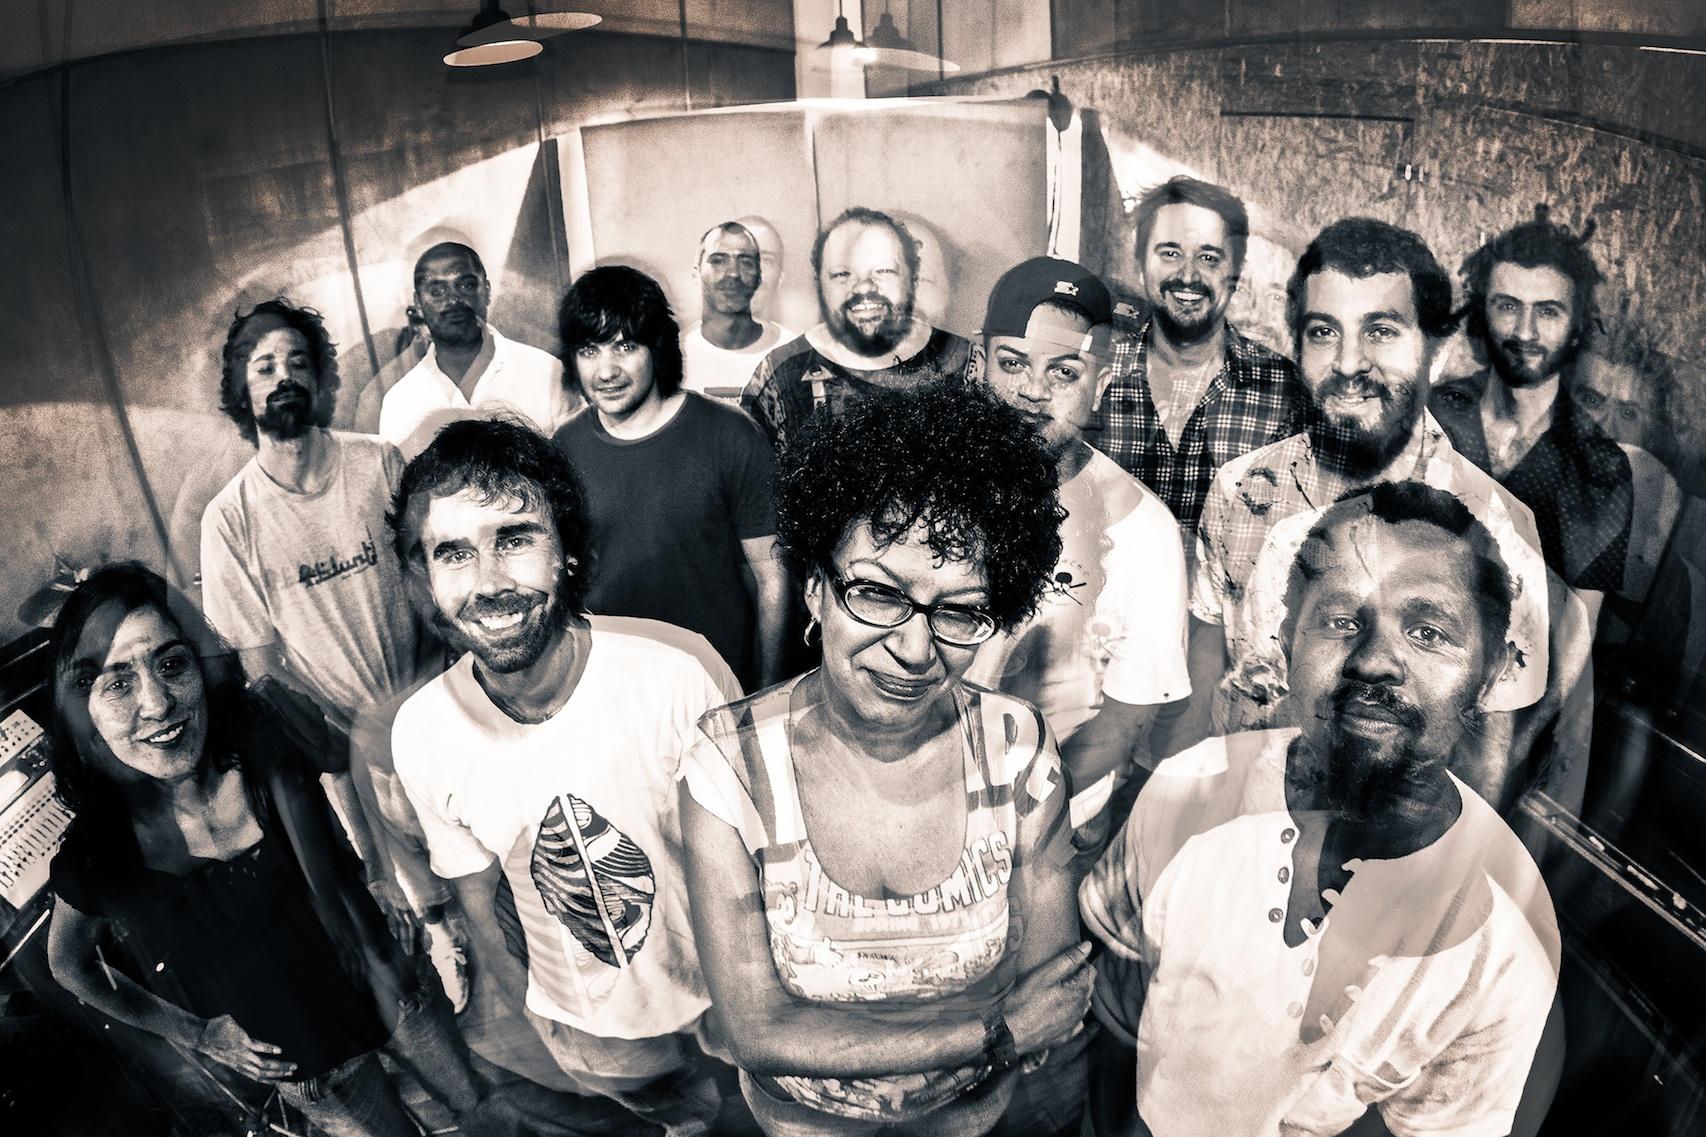 Cantores e músicos no estúdio: dois shows com ingressos esgotados (Foto: Leco de Souza)